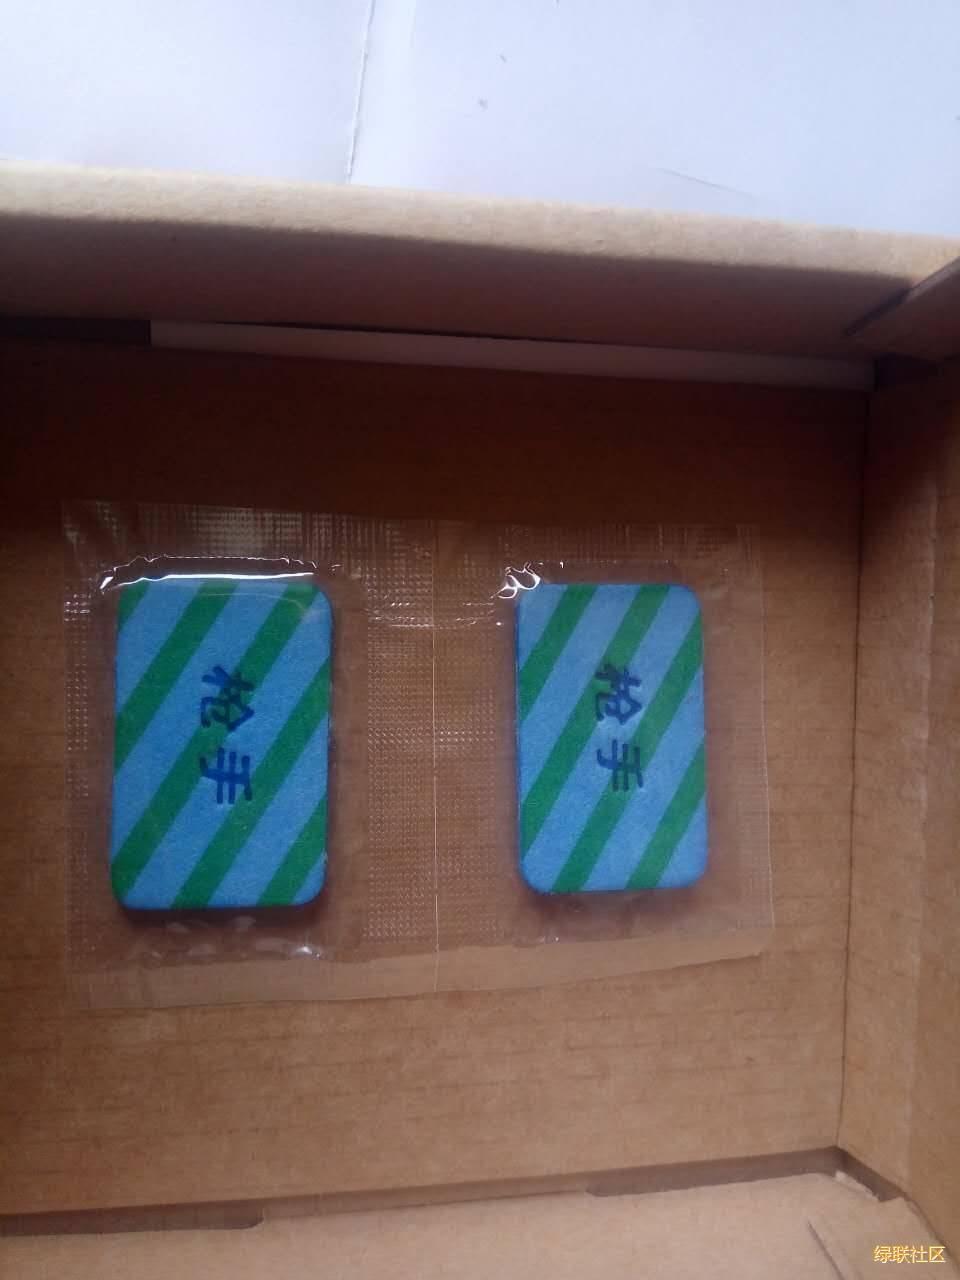 绿联驱蚊器,usb驱蚊器